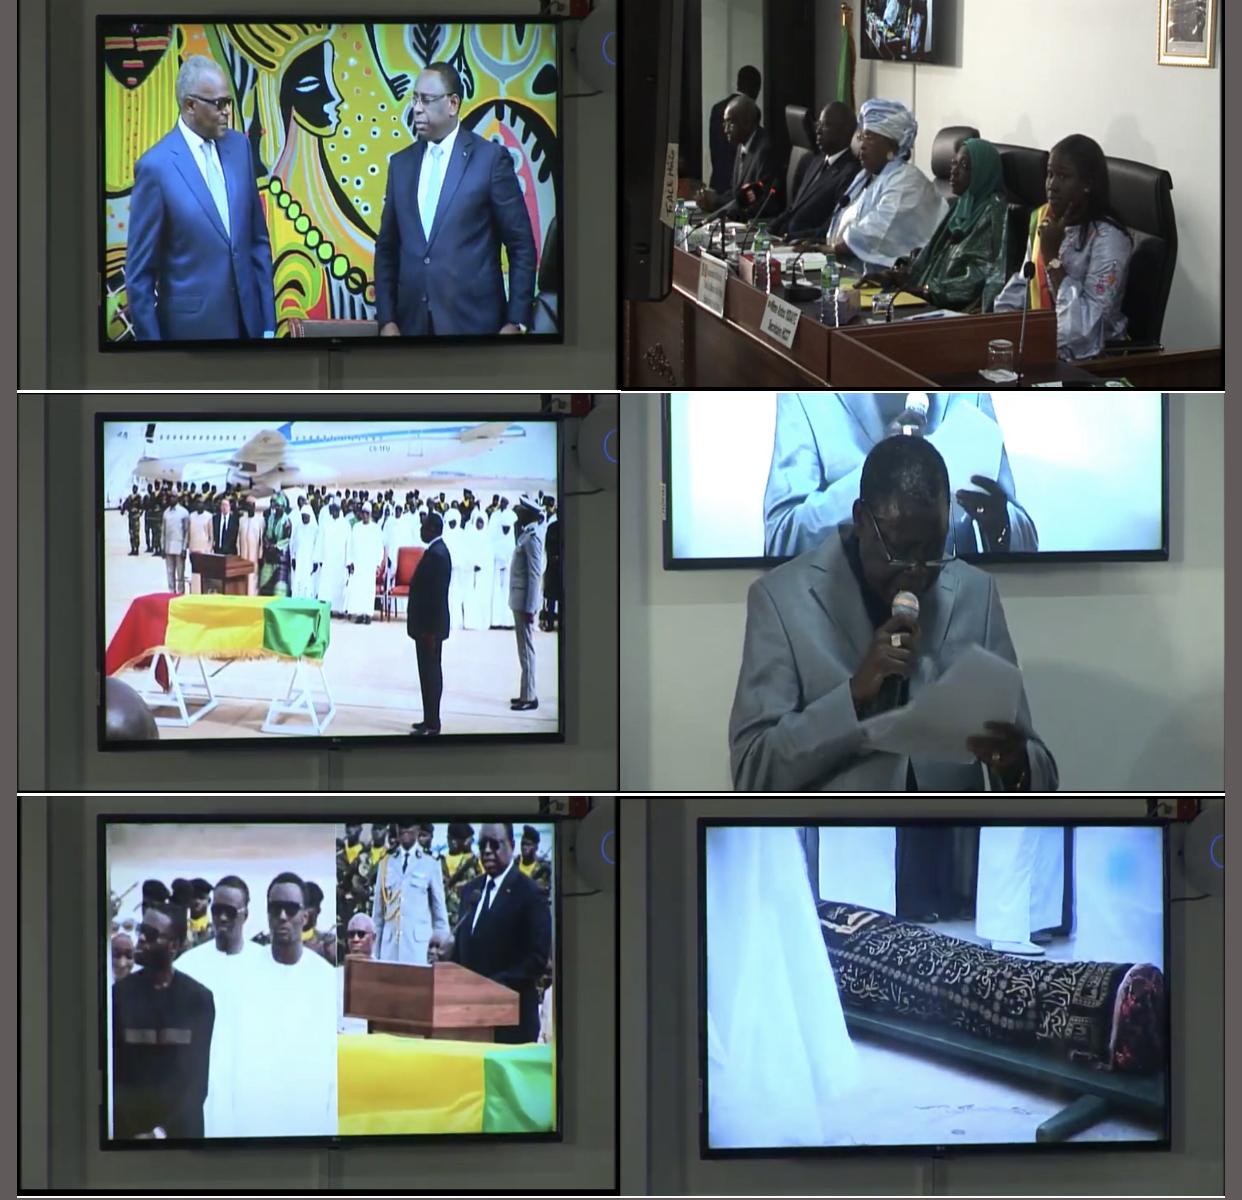 Hcct : Vibrant hommage rendu à Ousmane Tanor Dieng, à travers une motion élégiaque lue par Me Ousmane Sèye